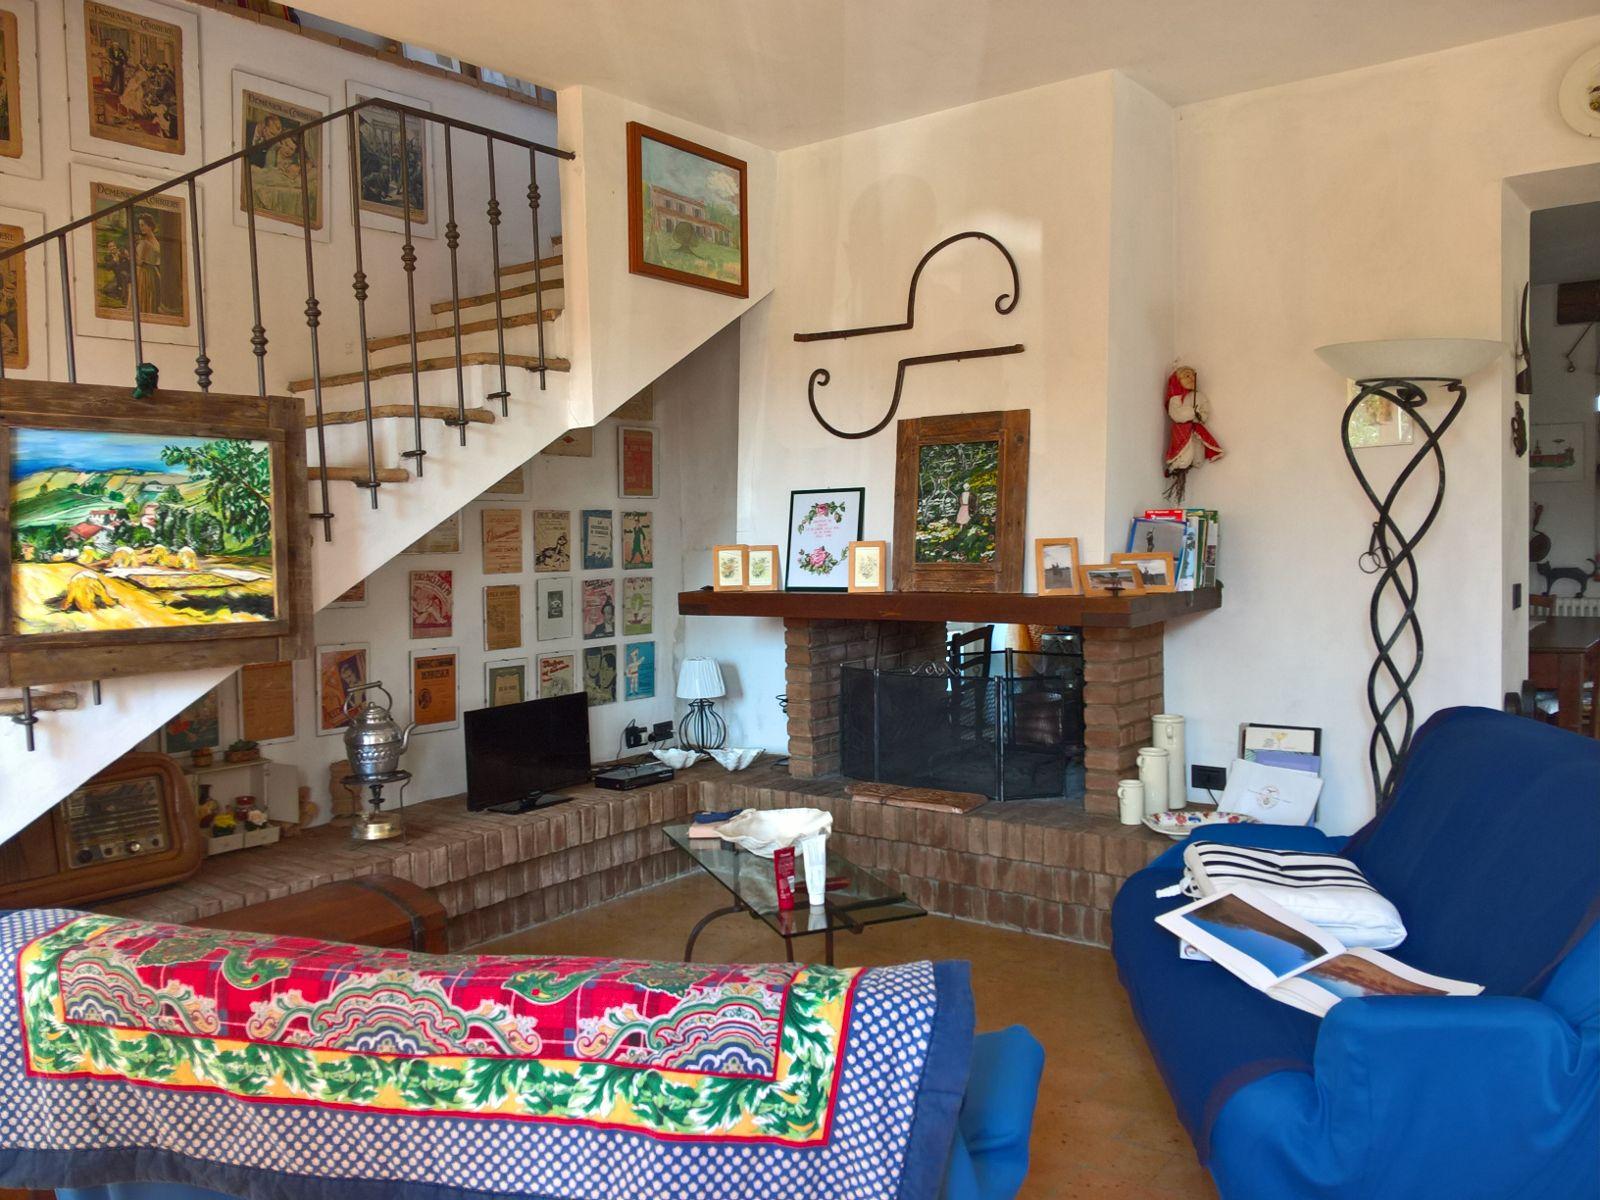 Villa in vendita a San Clemente, 4 locali, zona Zona: Agello, prezzo € 450.000 | CambioCasa.it